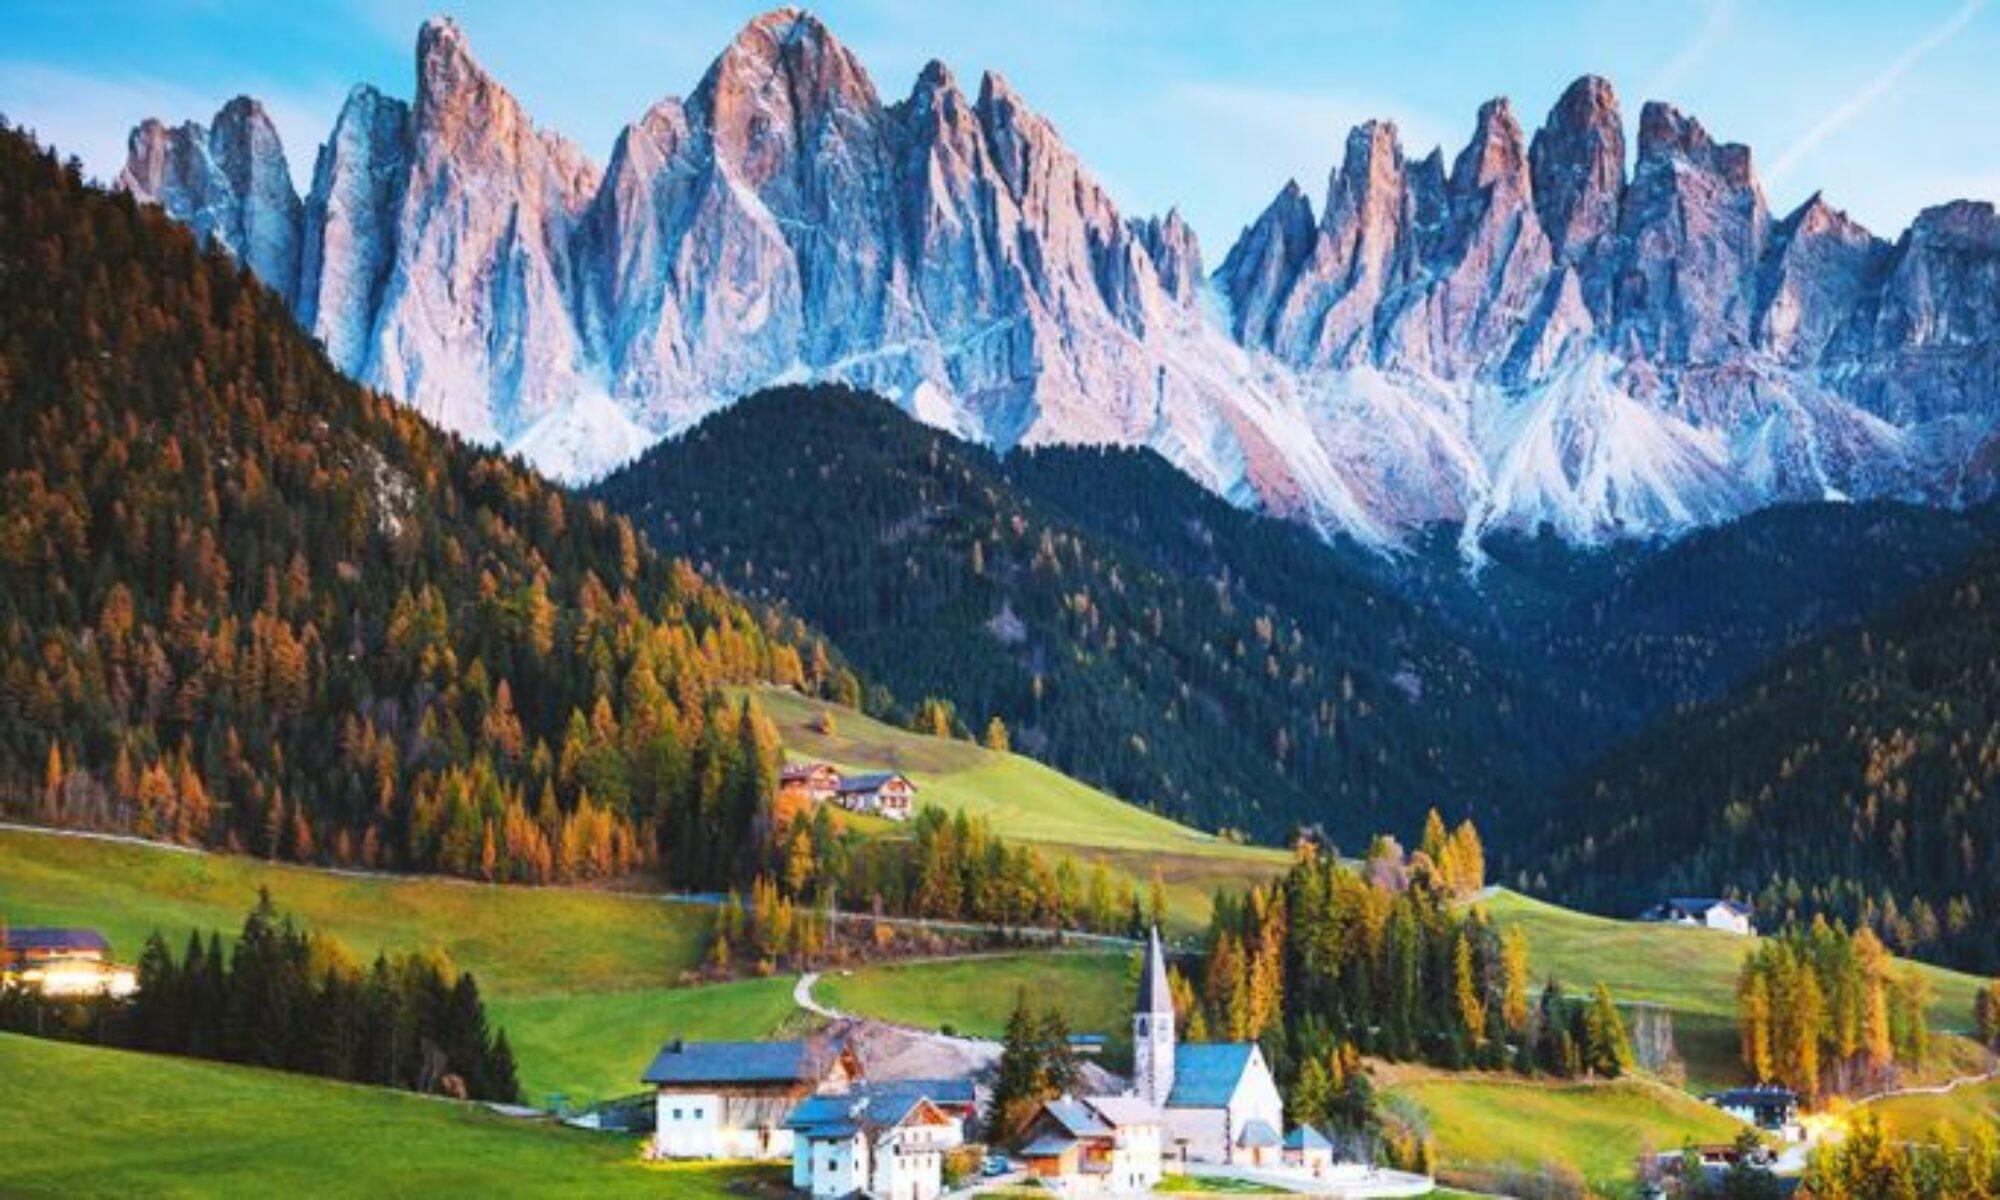 Anfi Trentino Alto Adige